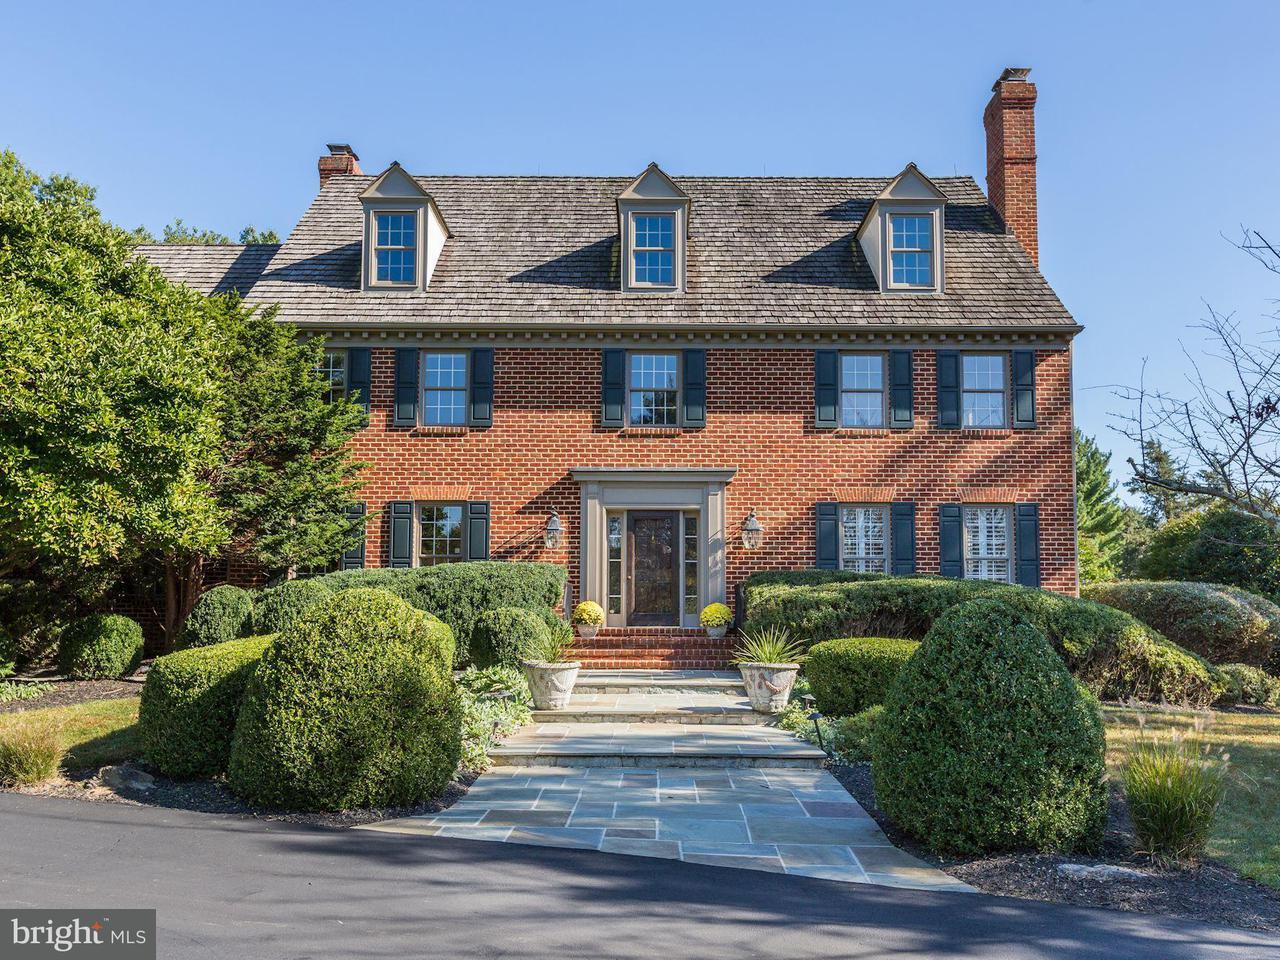 Частный односемейный дом для того Продажа на 13601 Stonebarn Lane 13601 Stonebarn Lane North Potomac, Мэриленд 20878 Соединенные Штаты